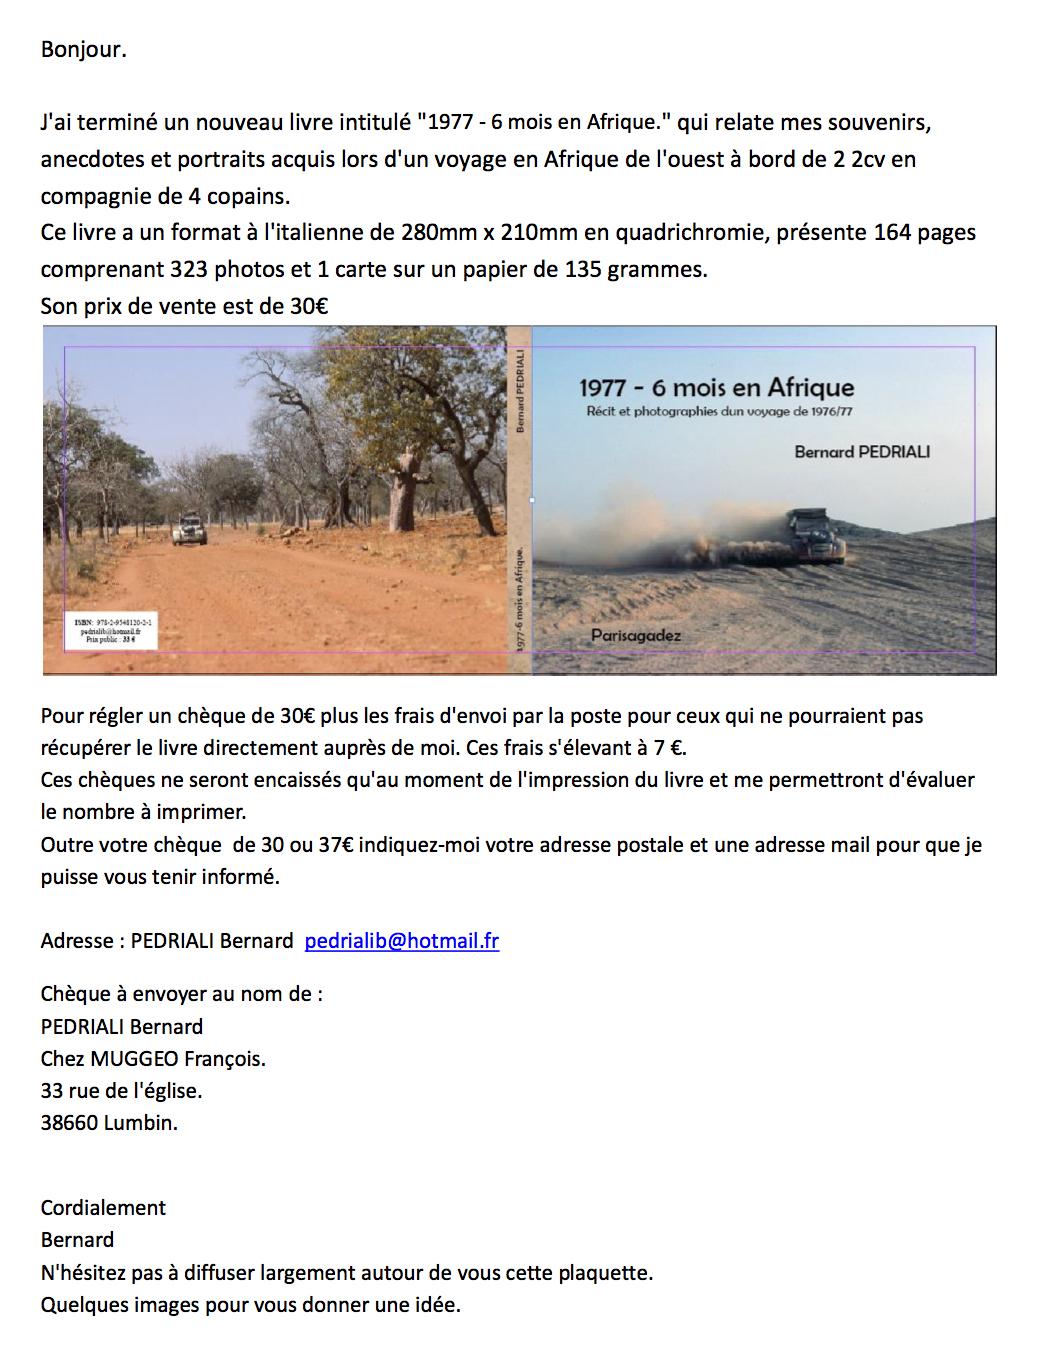 Plaquete 6 mois en afrique 9 p 1